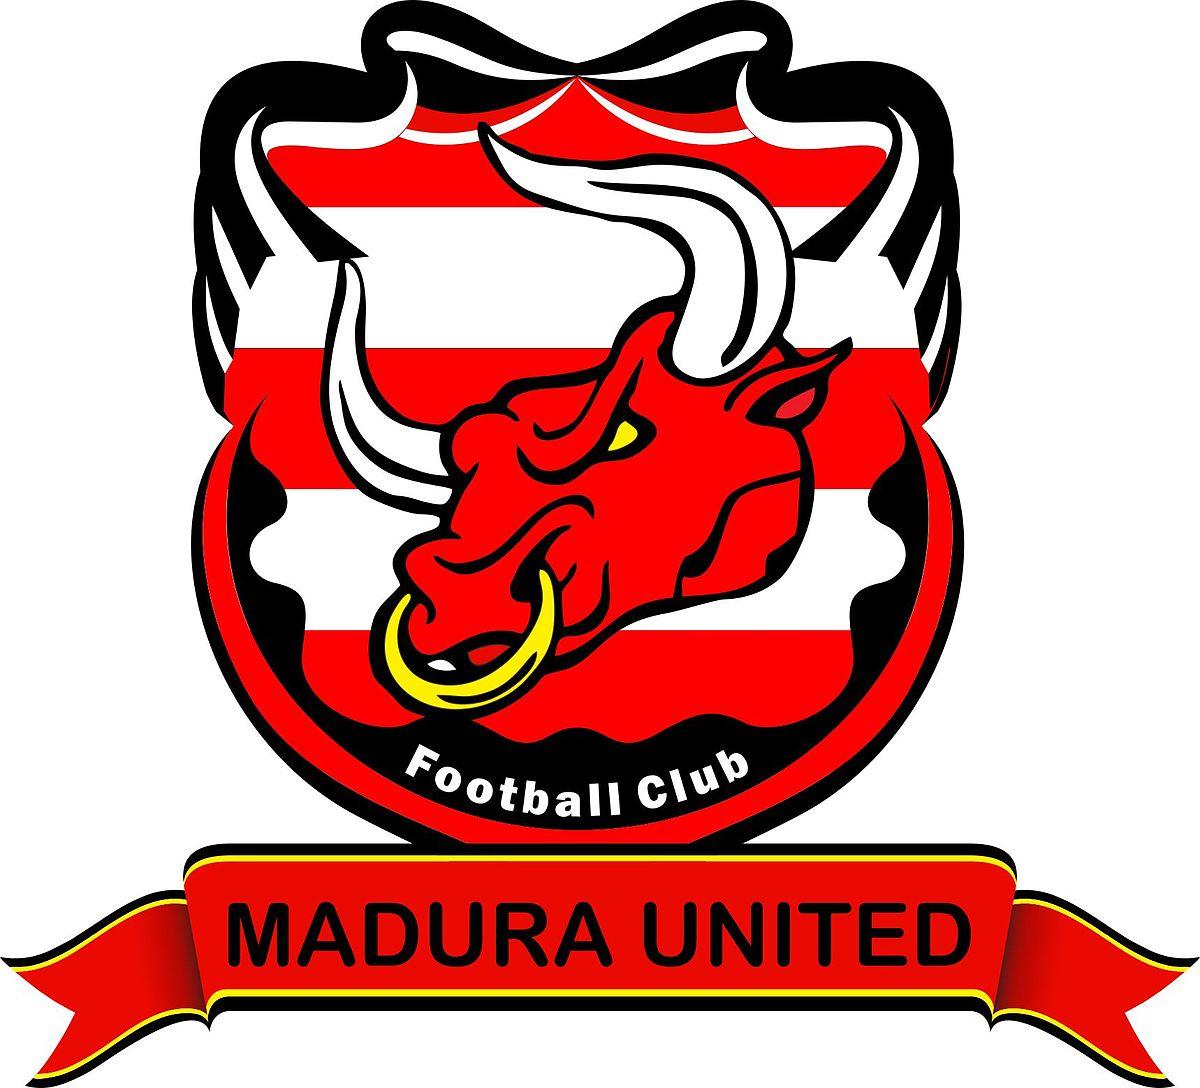 https://upload.wikimedia.org/wikipedia/id/thumb/d/de/MADURA_UNITED.jpg/1200px-MADURA_UNITED.jpg